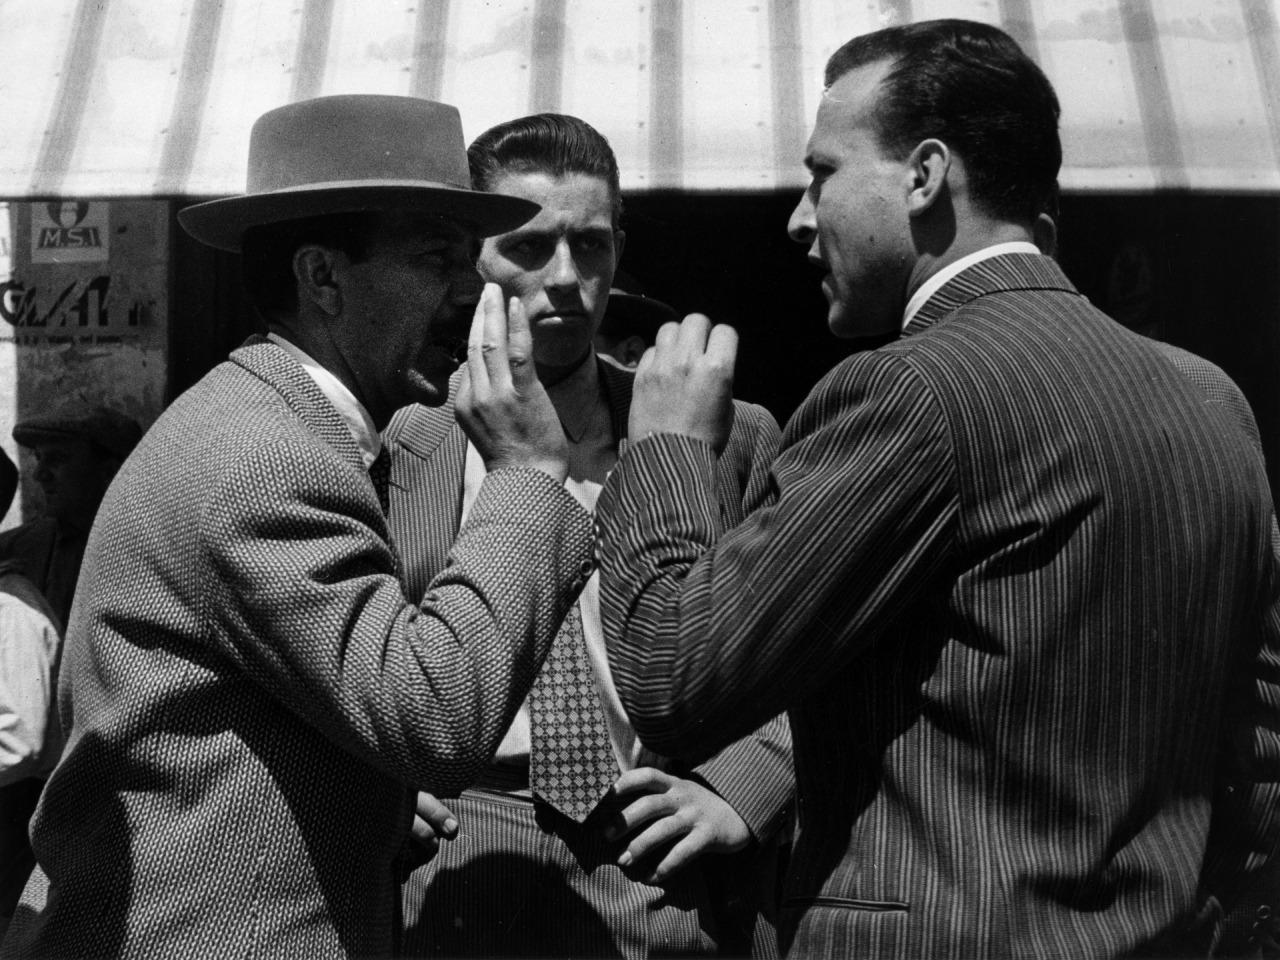 Fotó: Paul Almásy: Választás Olaszországban, részlet a Kezek című sorozatból, 1953 körül, 30 x 40 cm, zselatinos ezüst, Magyar Fotográfiai Múzeum